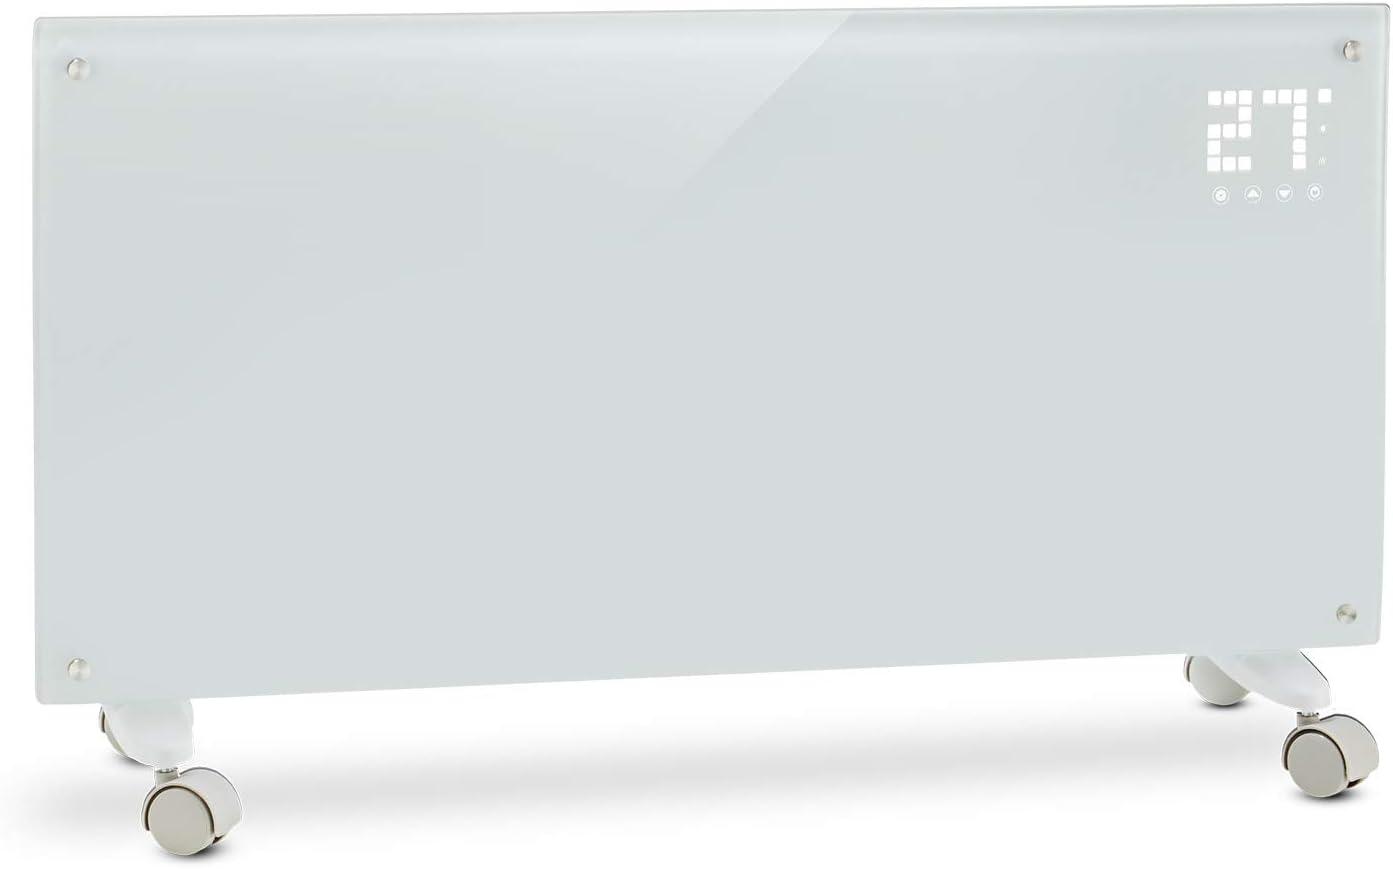 Klarstein Bornholm White Edition - Calefactor convector eléctrico, Radiador de 1000/ 2000W, Monitor LED camuflado, Control remoto, Modo Eco, Programable por horas hasta 24, Panel de cristal, Blanco